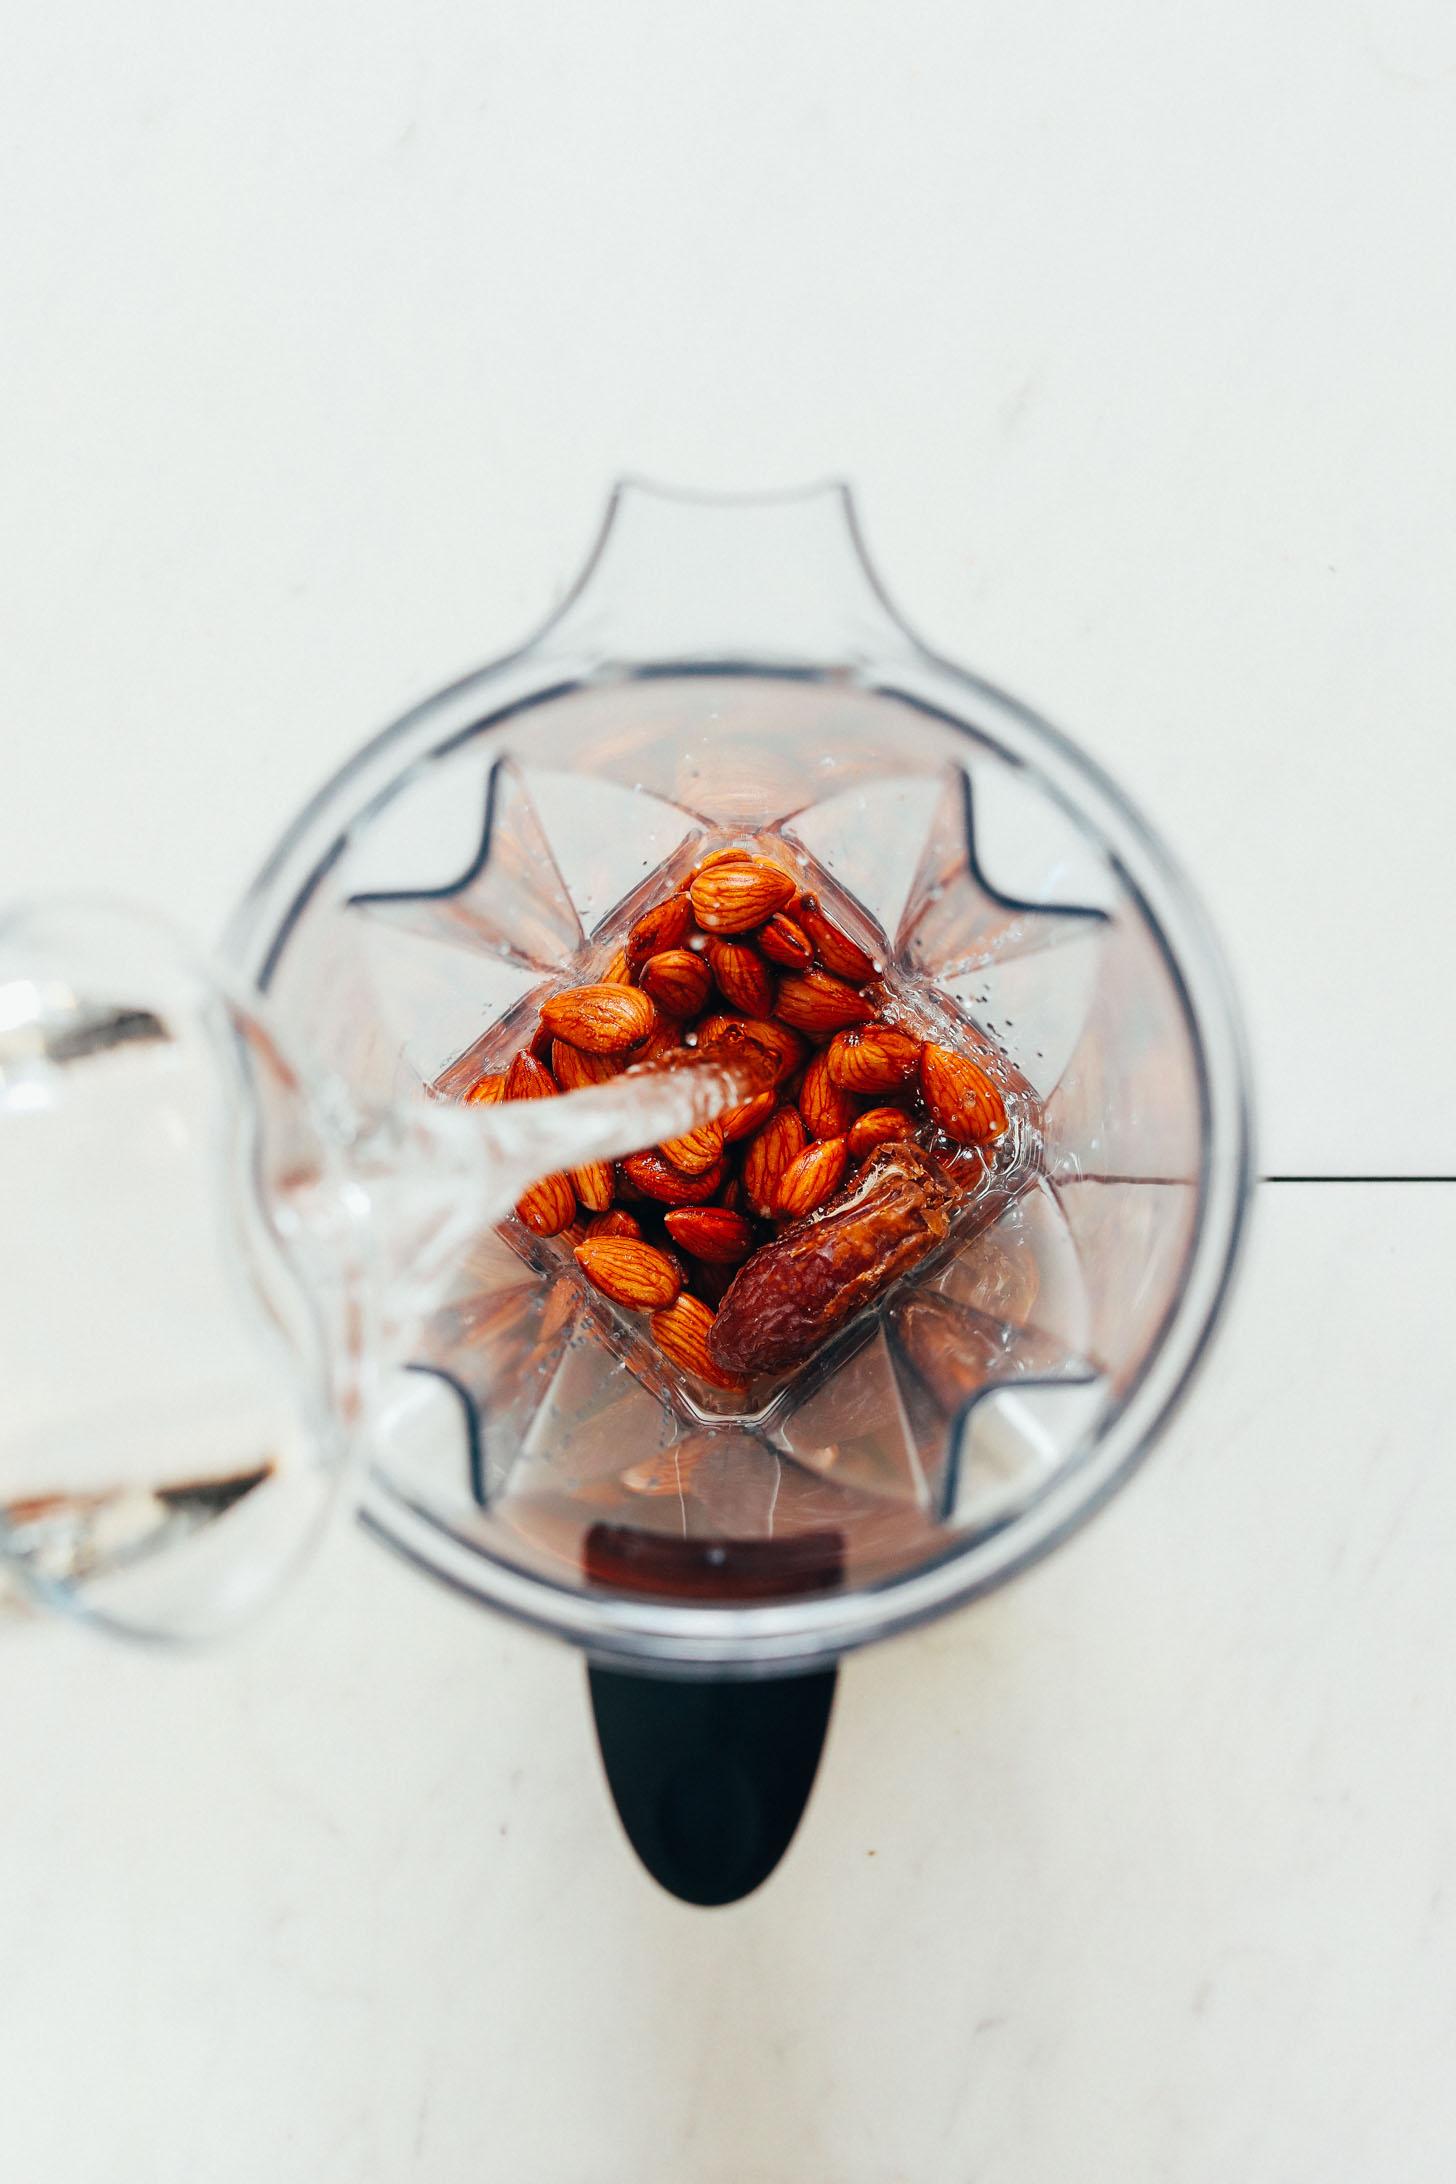 Agregar agua a una licuadora llena de almendras para nuestra receta de crema de café hecha en casa